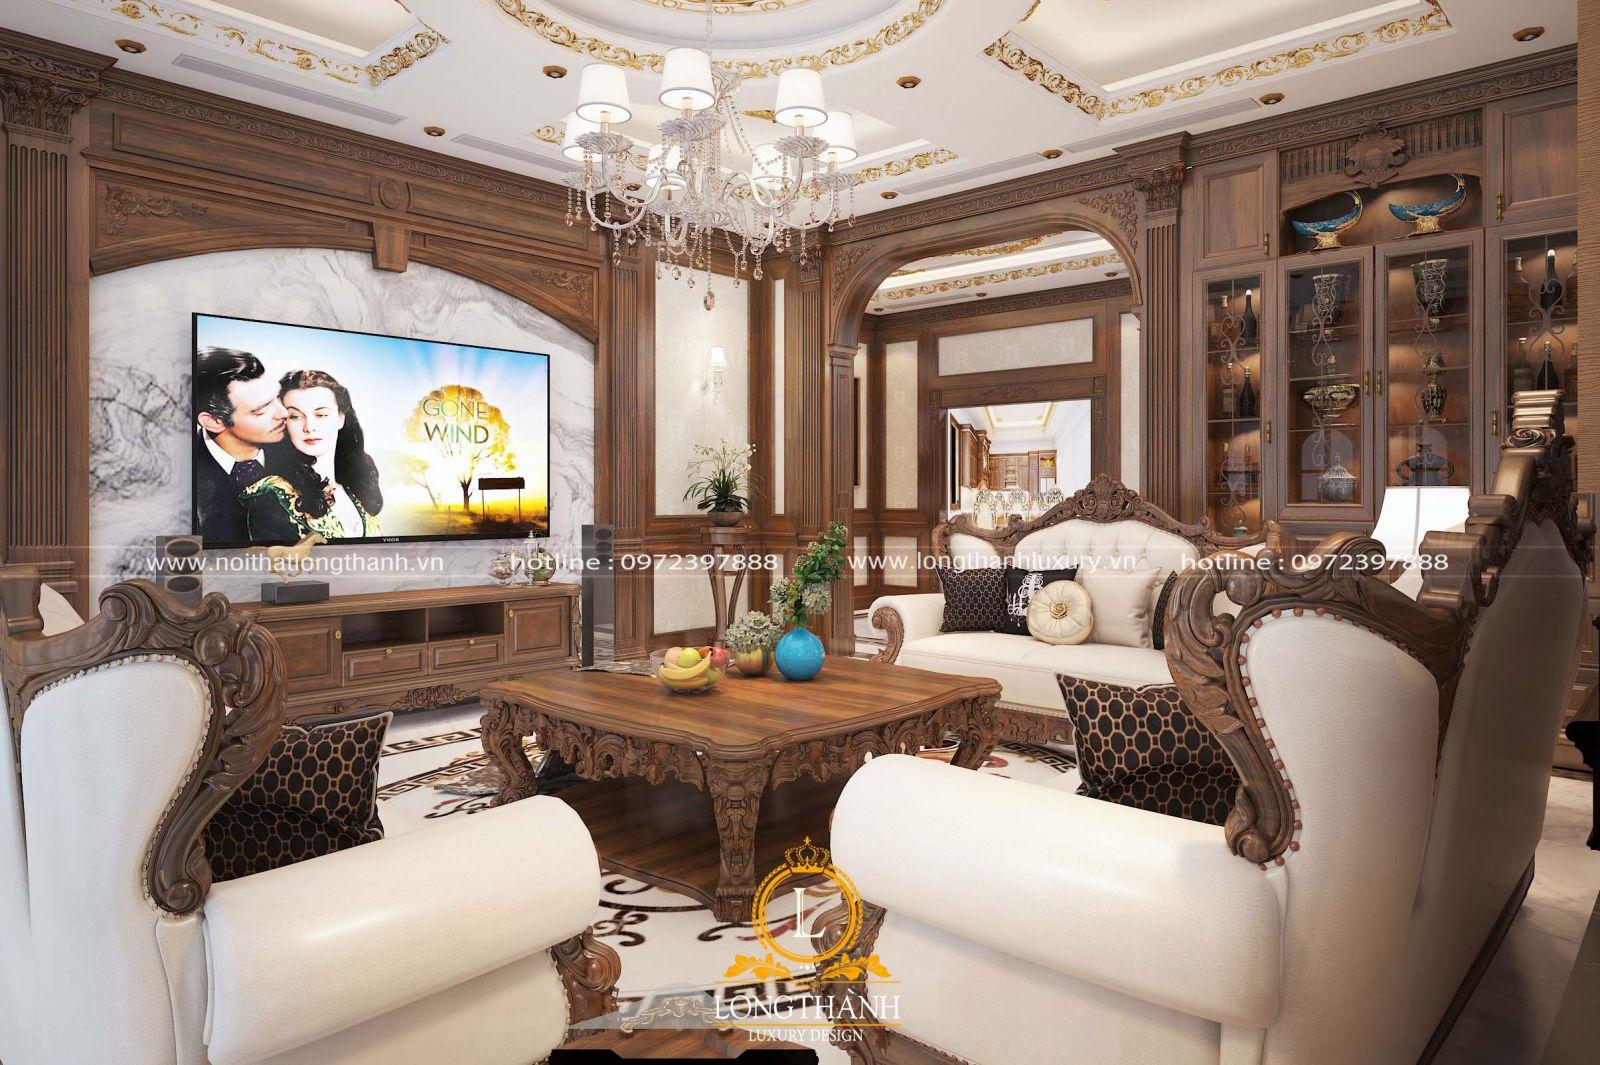 Thiết kế mẫu sofa da bò cho phòng khách cao cấp